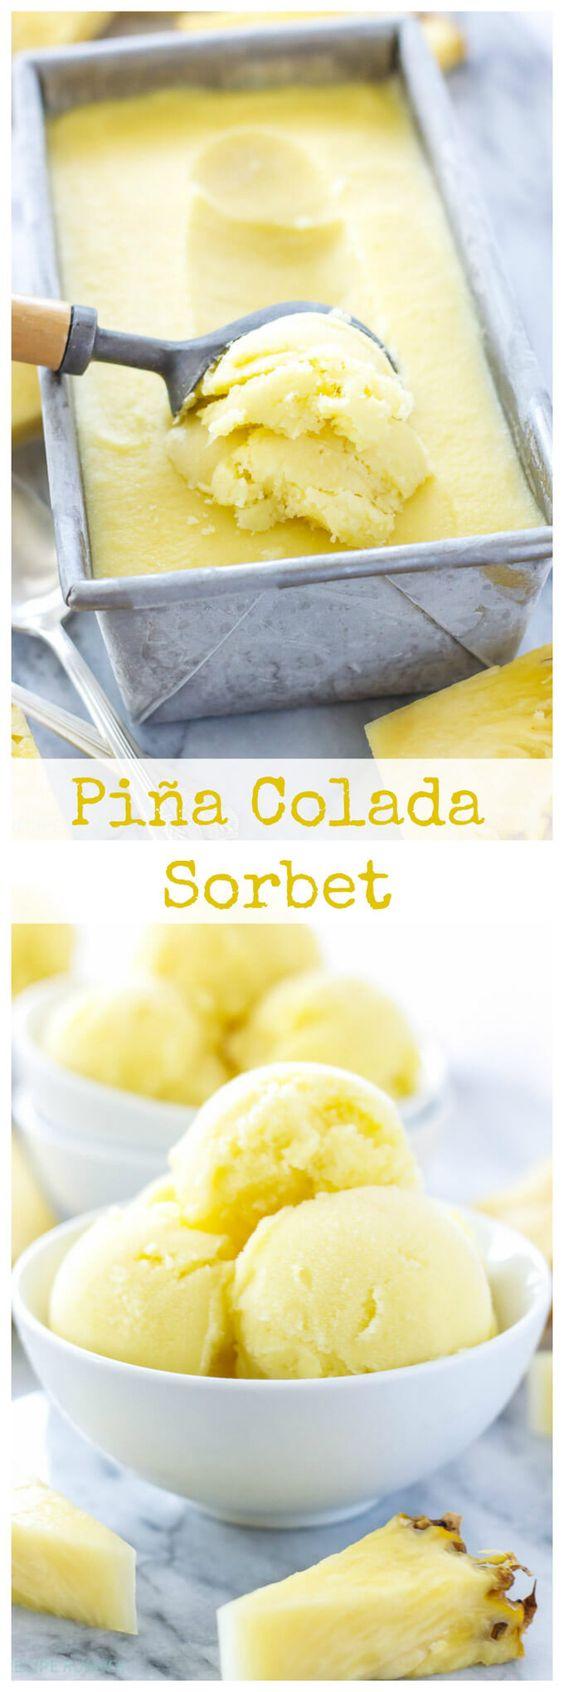 Piña Colada Sorbet | Turn your favorite tropical cocktail into a delicious frozen sorbet!